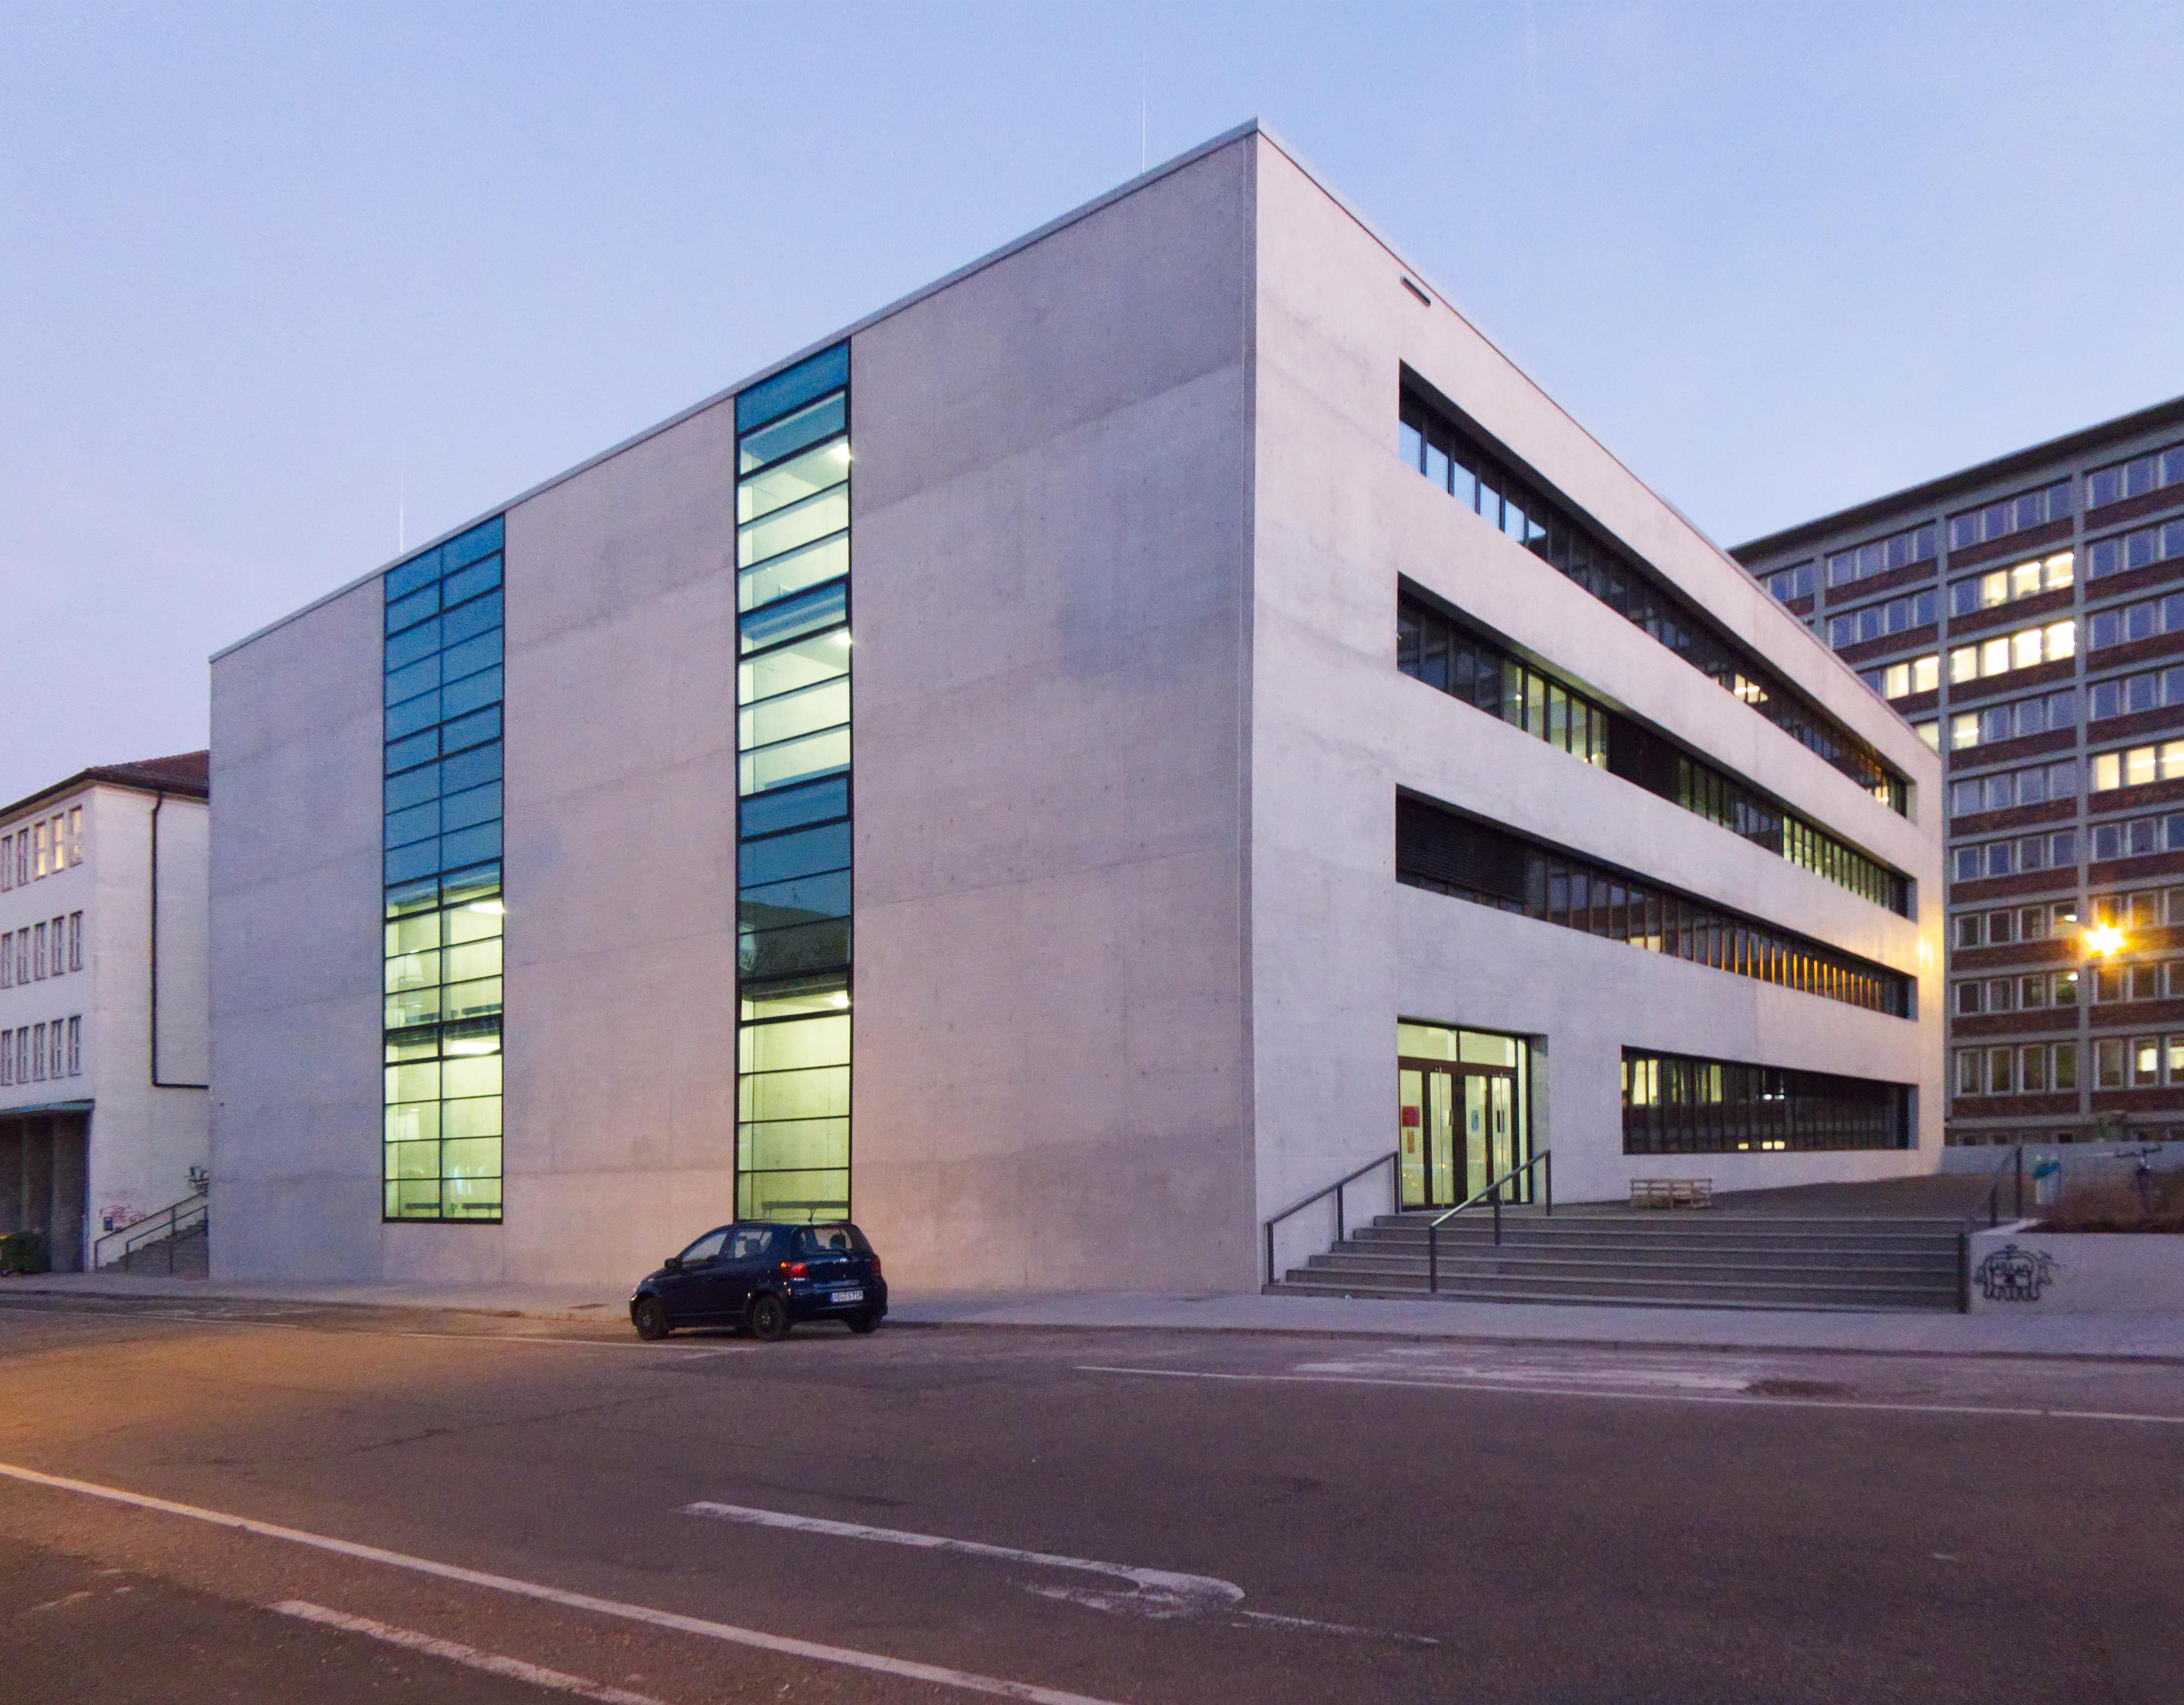 Innenarchitektur Hft Stuttgart datei hft stuttgart bau 8 jpg